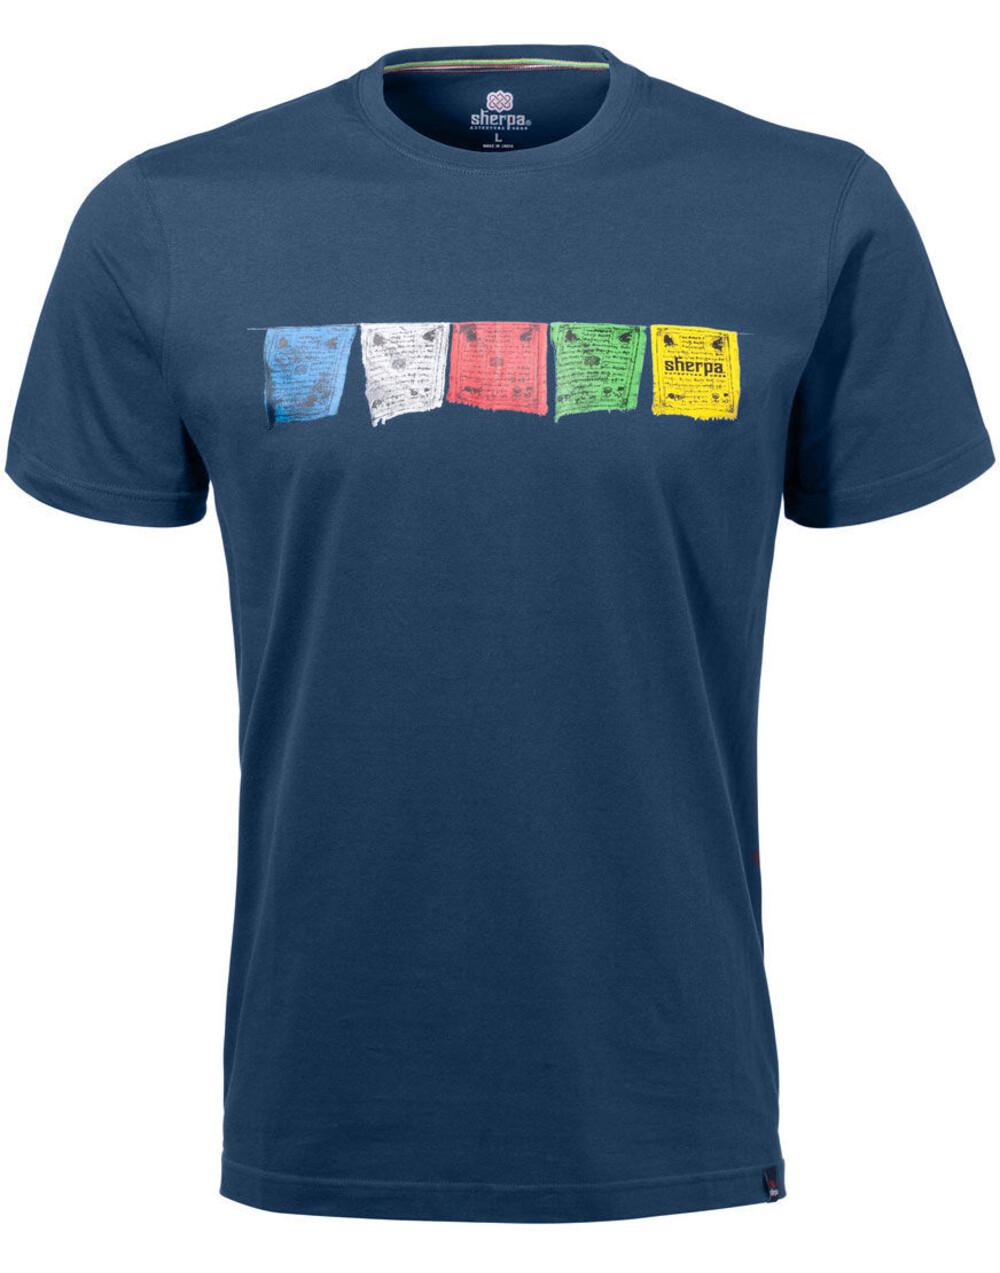 c113ca12 Sherpa Tarcho Kortærmet T-shirt Herrer, rathee | Find outdoortøj ...